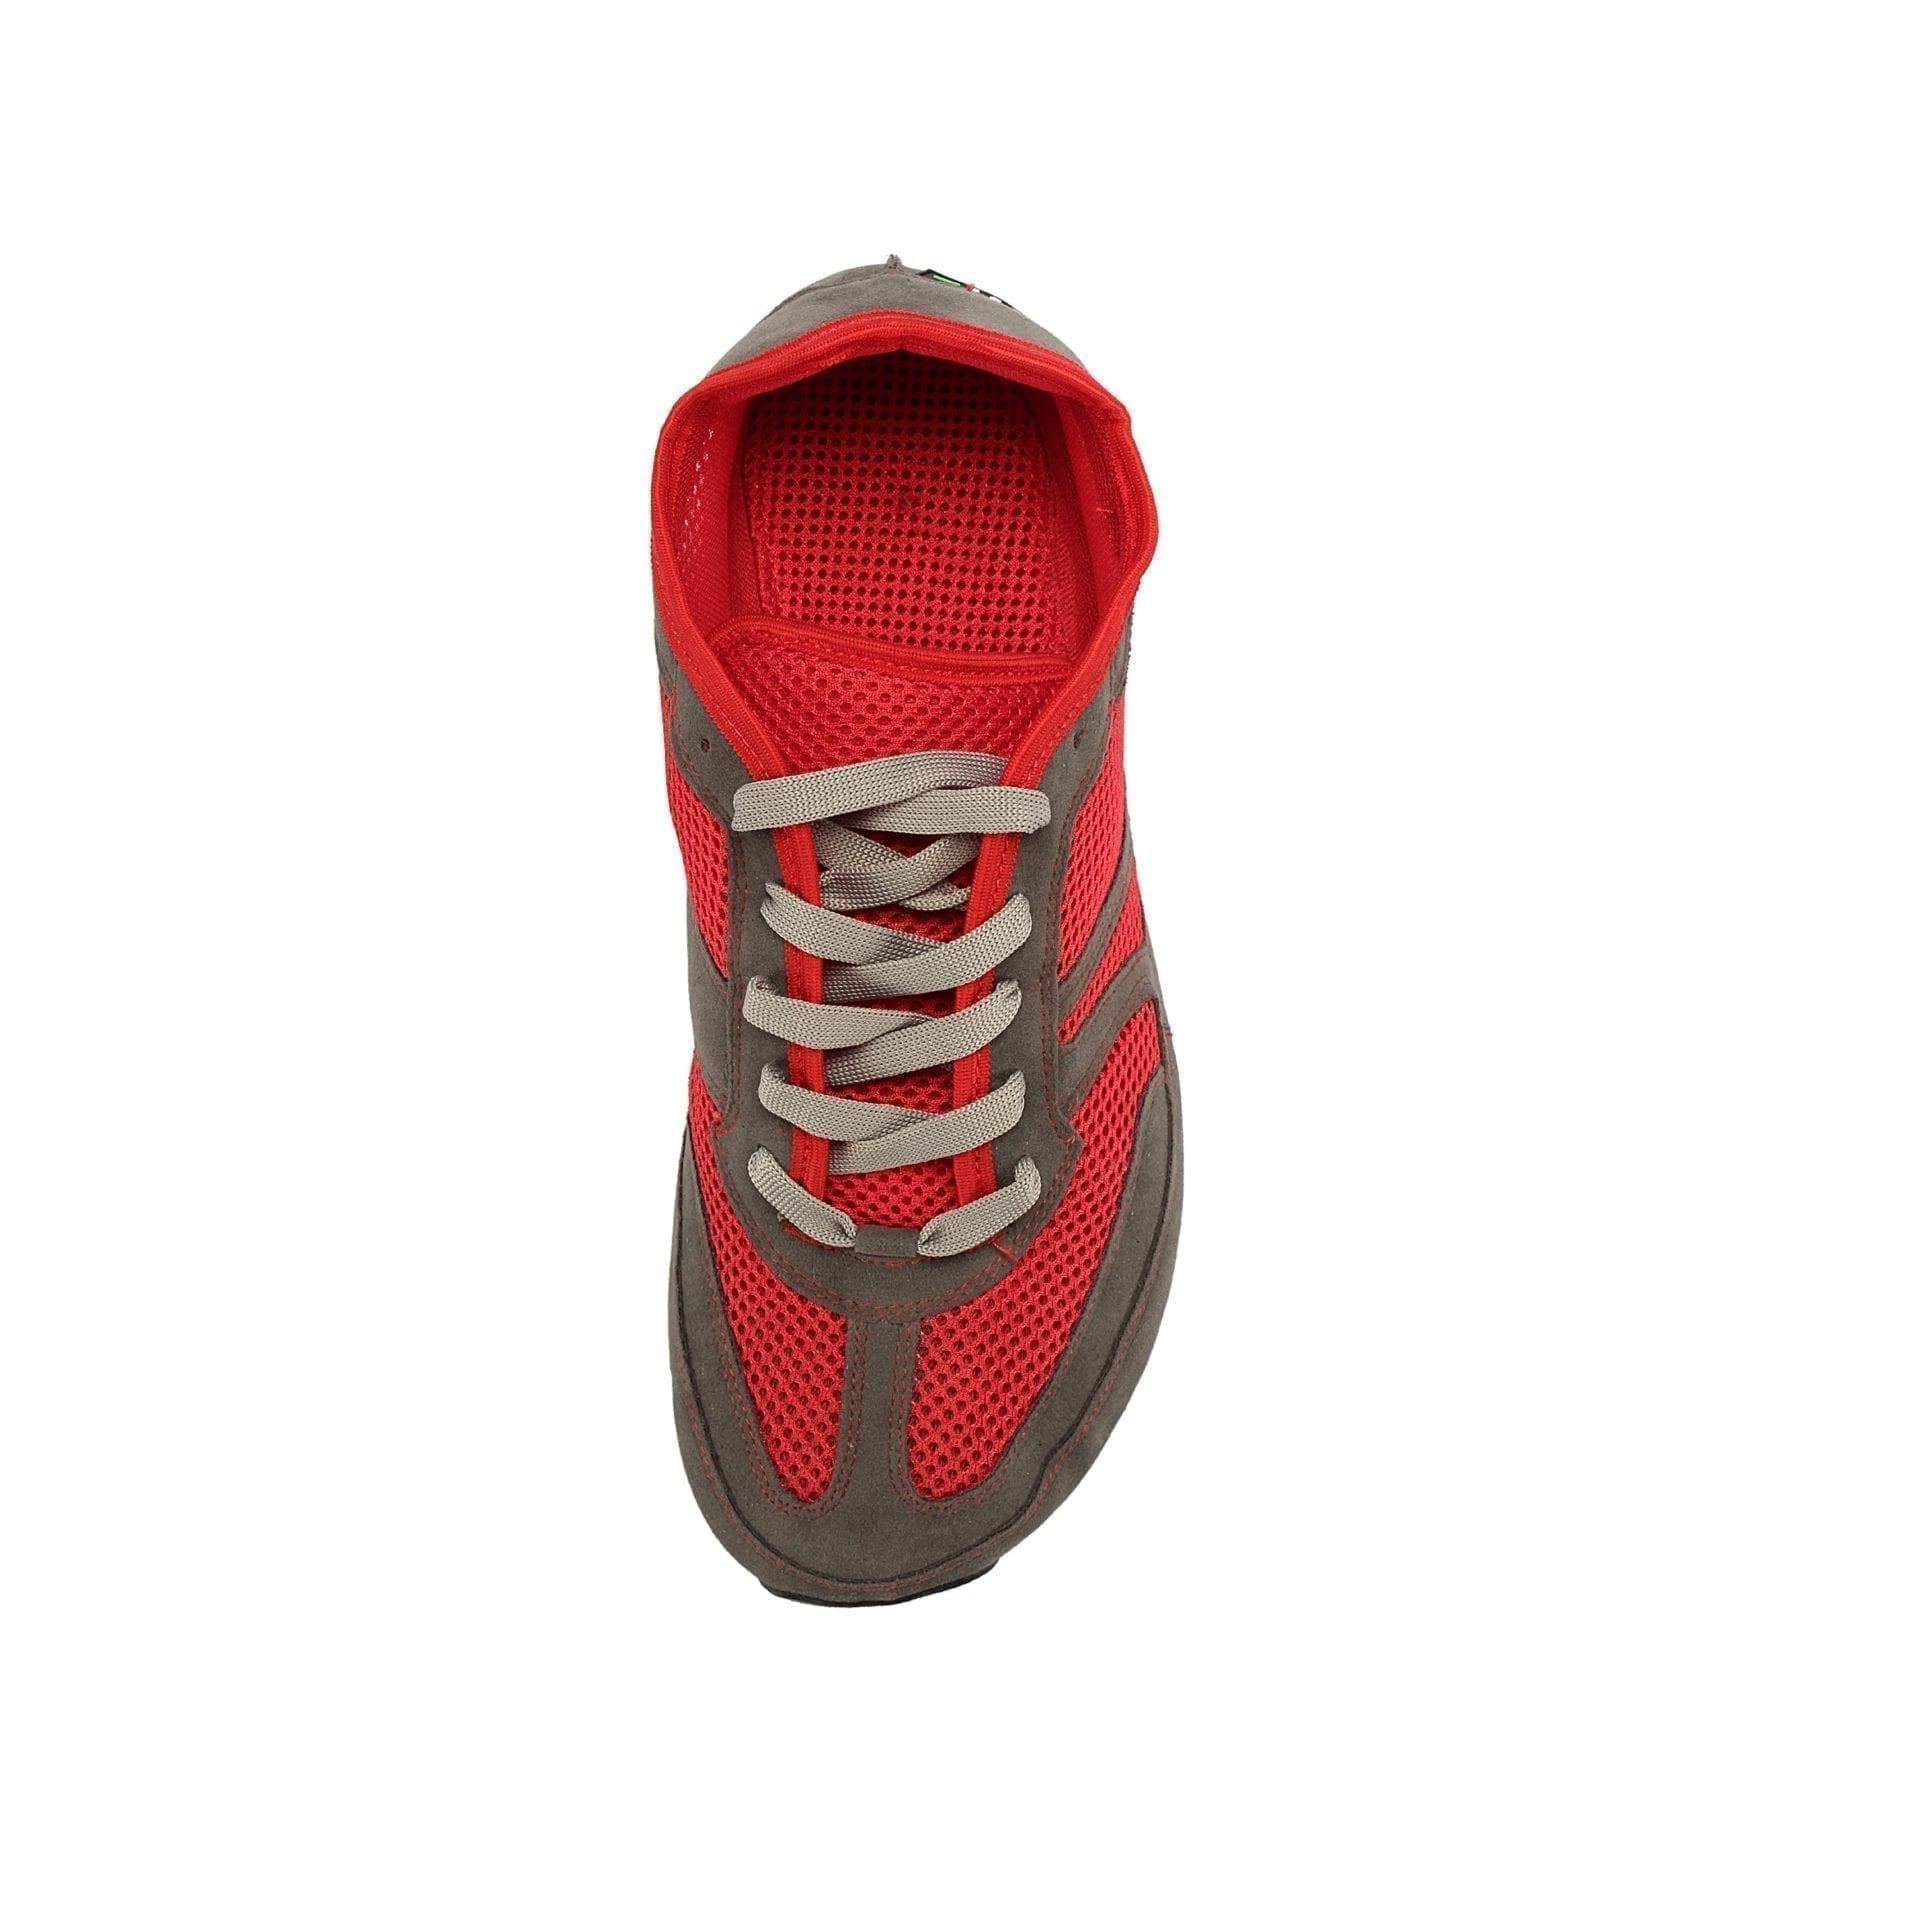 Barfußschuh-Hersteller Magical Shoes Vegan Red Barfußschuhe für natürliches und gesundes Gehen & Laufen  breite Zehenbox